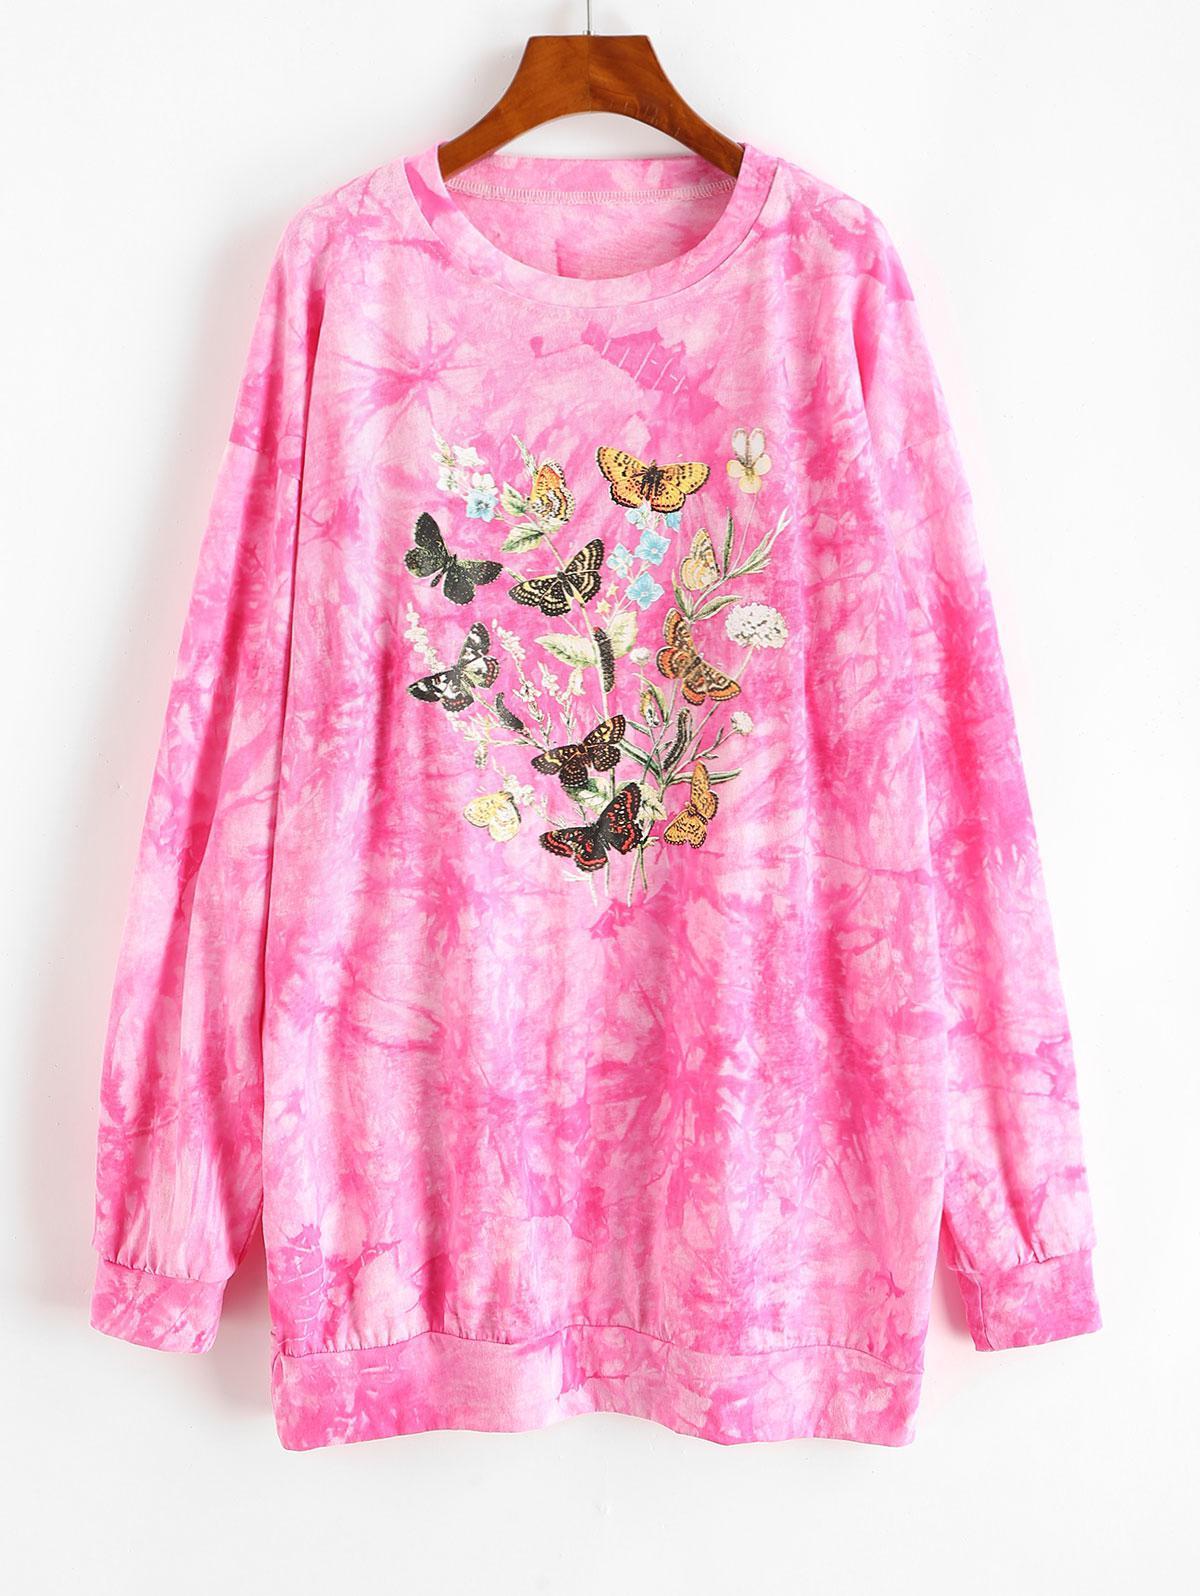 Tie Dye Butterfly Graphic Drop Shoulder Sweatshirt Dress